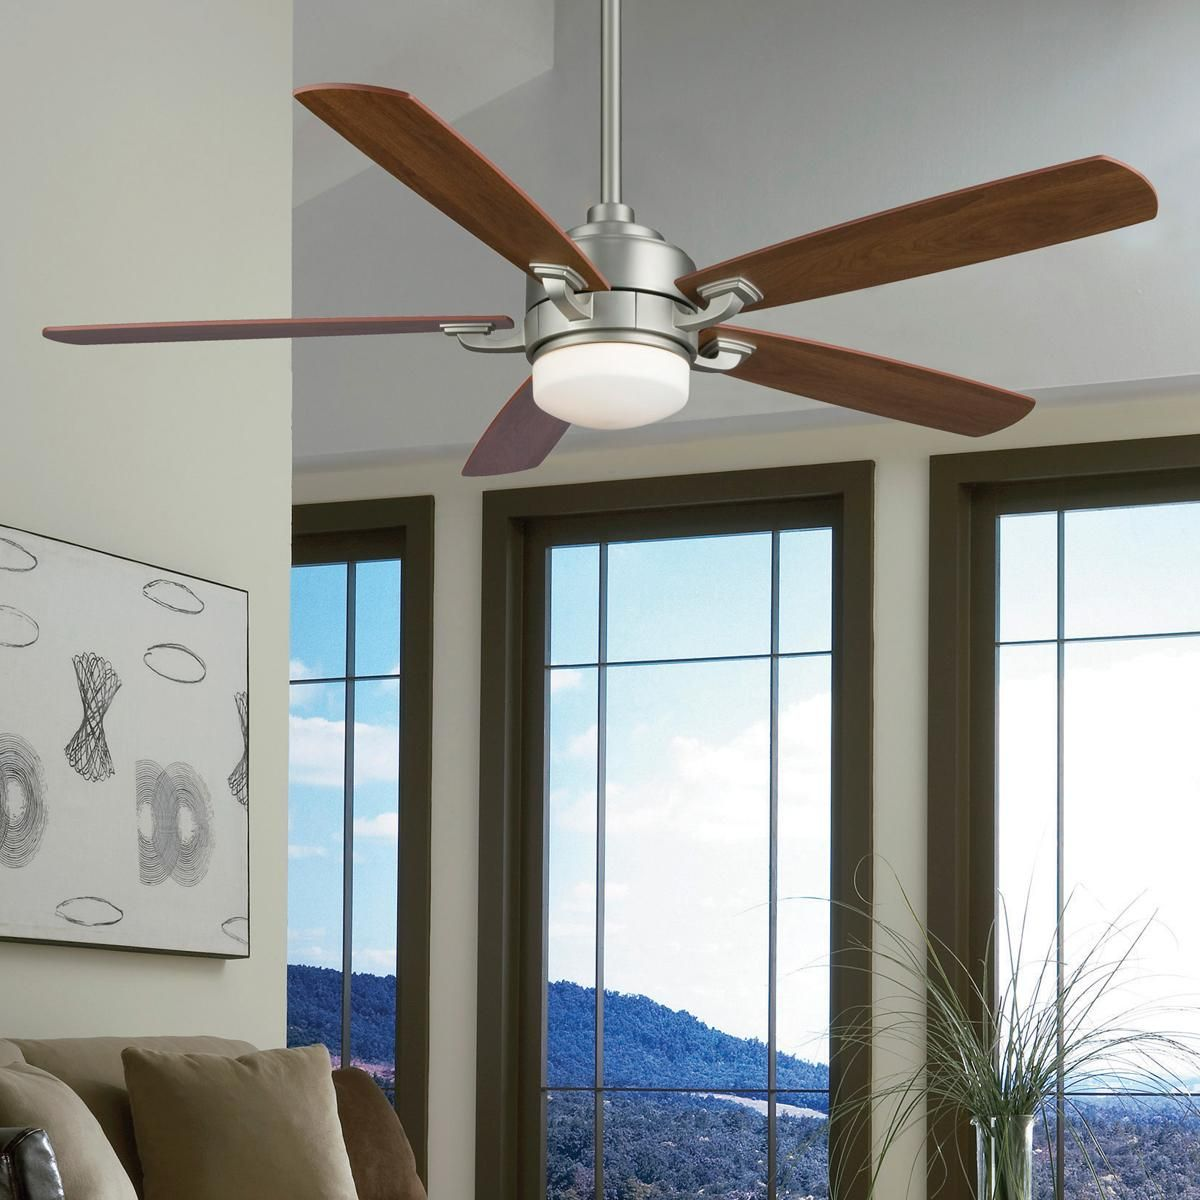 Urban Loft Ceiling Fan Ceiling Fan Contemporary Ceiling